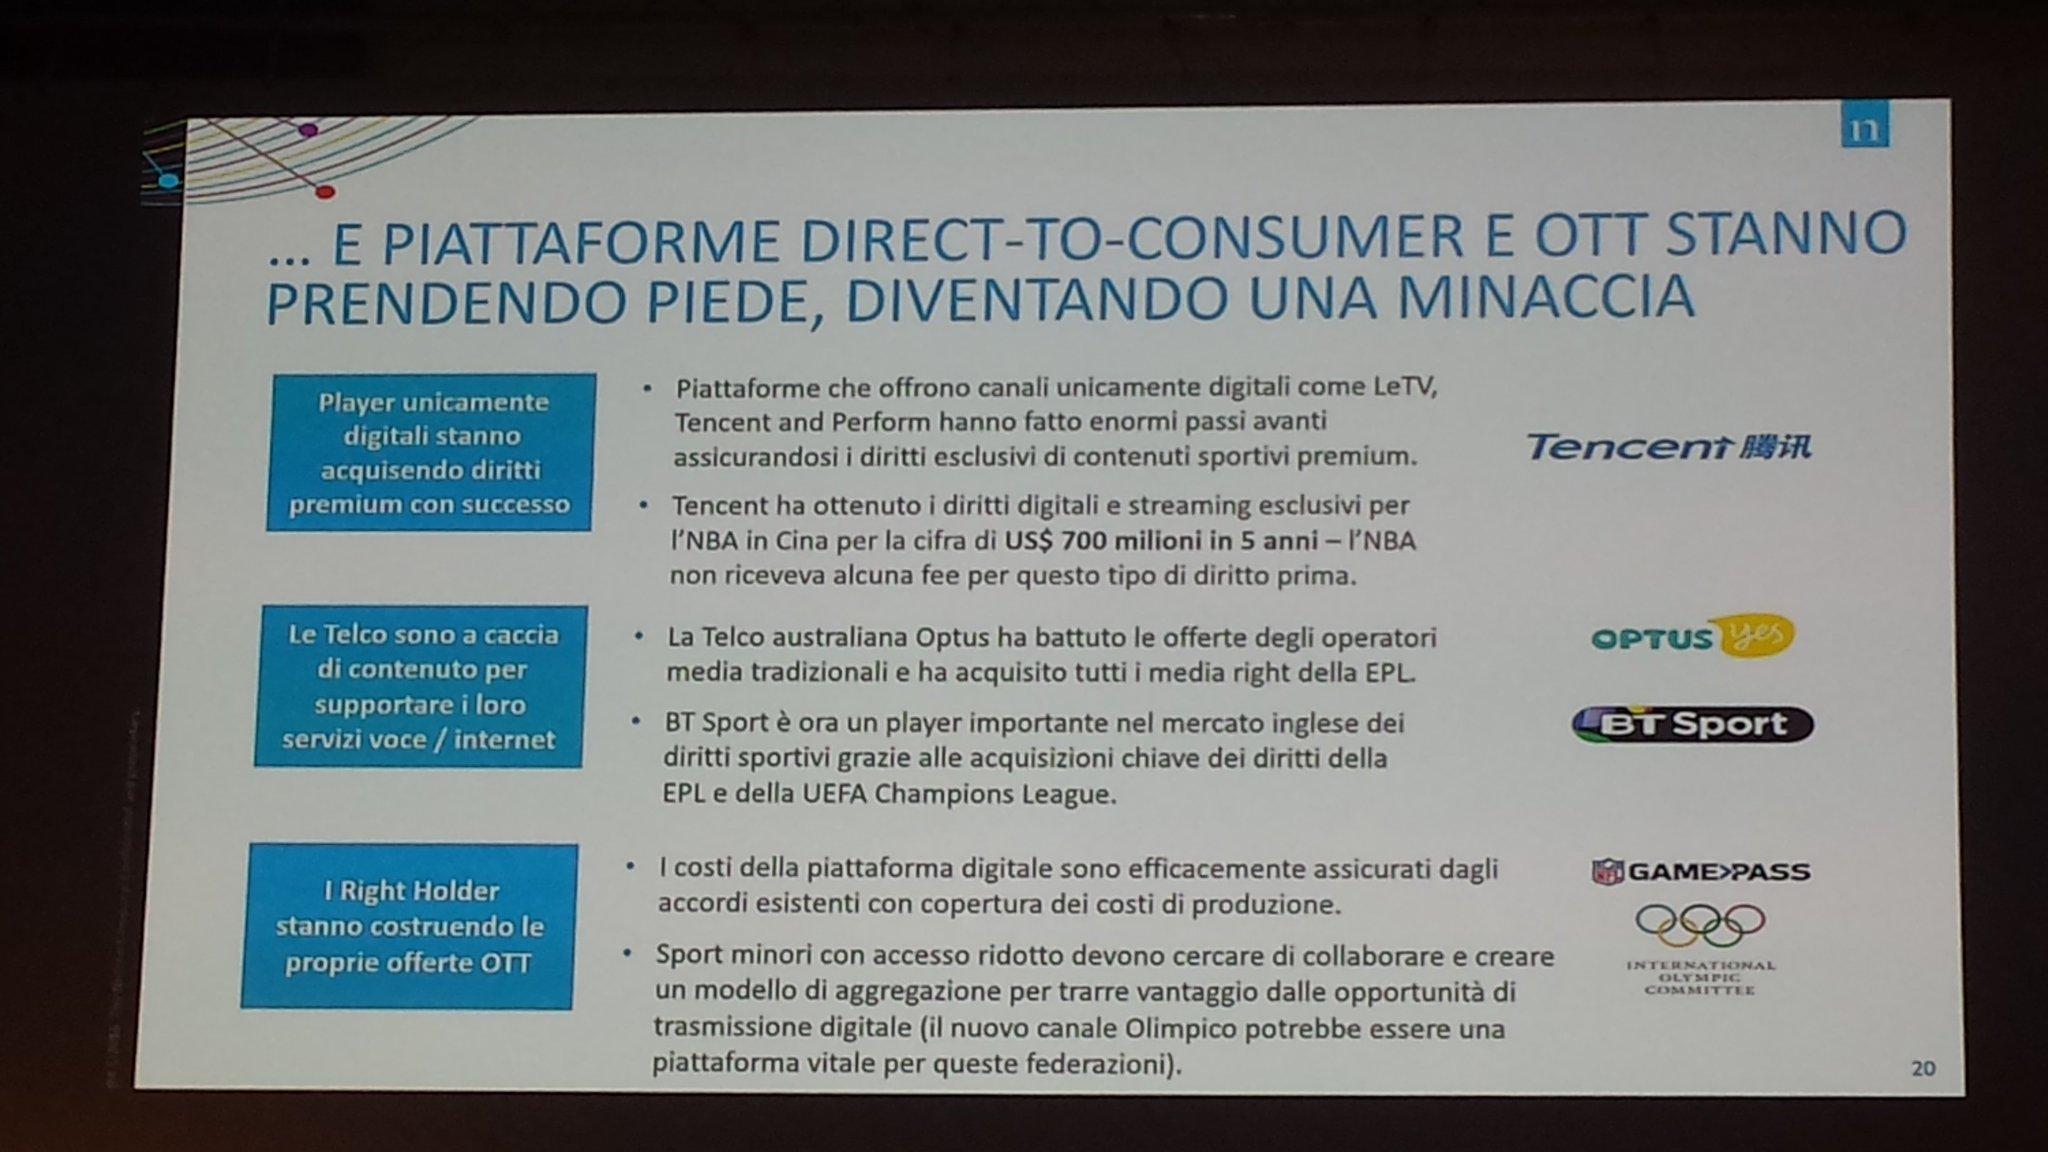 Piattaforme digitali, #ott, #telco e right holders rivoluzionano l'offerta di event sportivi puntando direttamente al tifoso #ForumSport https://t.co/0DRPFvxTcj